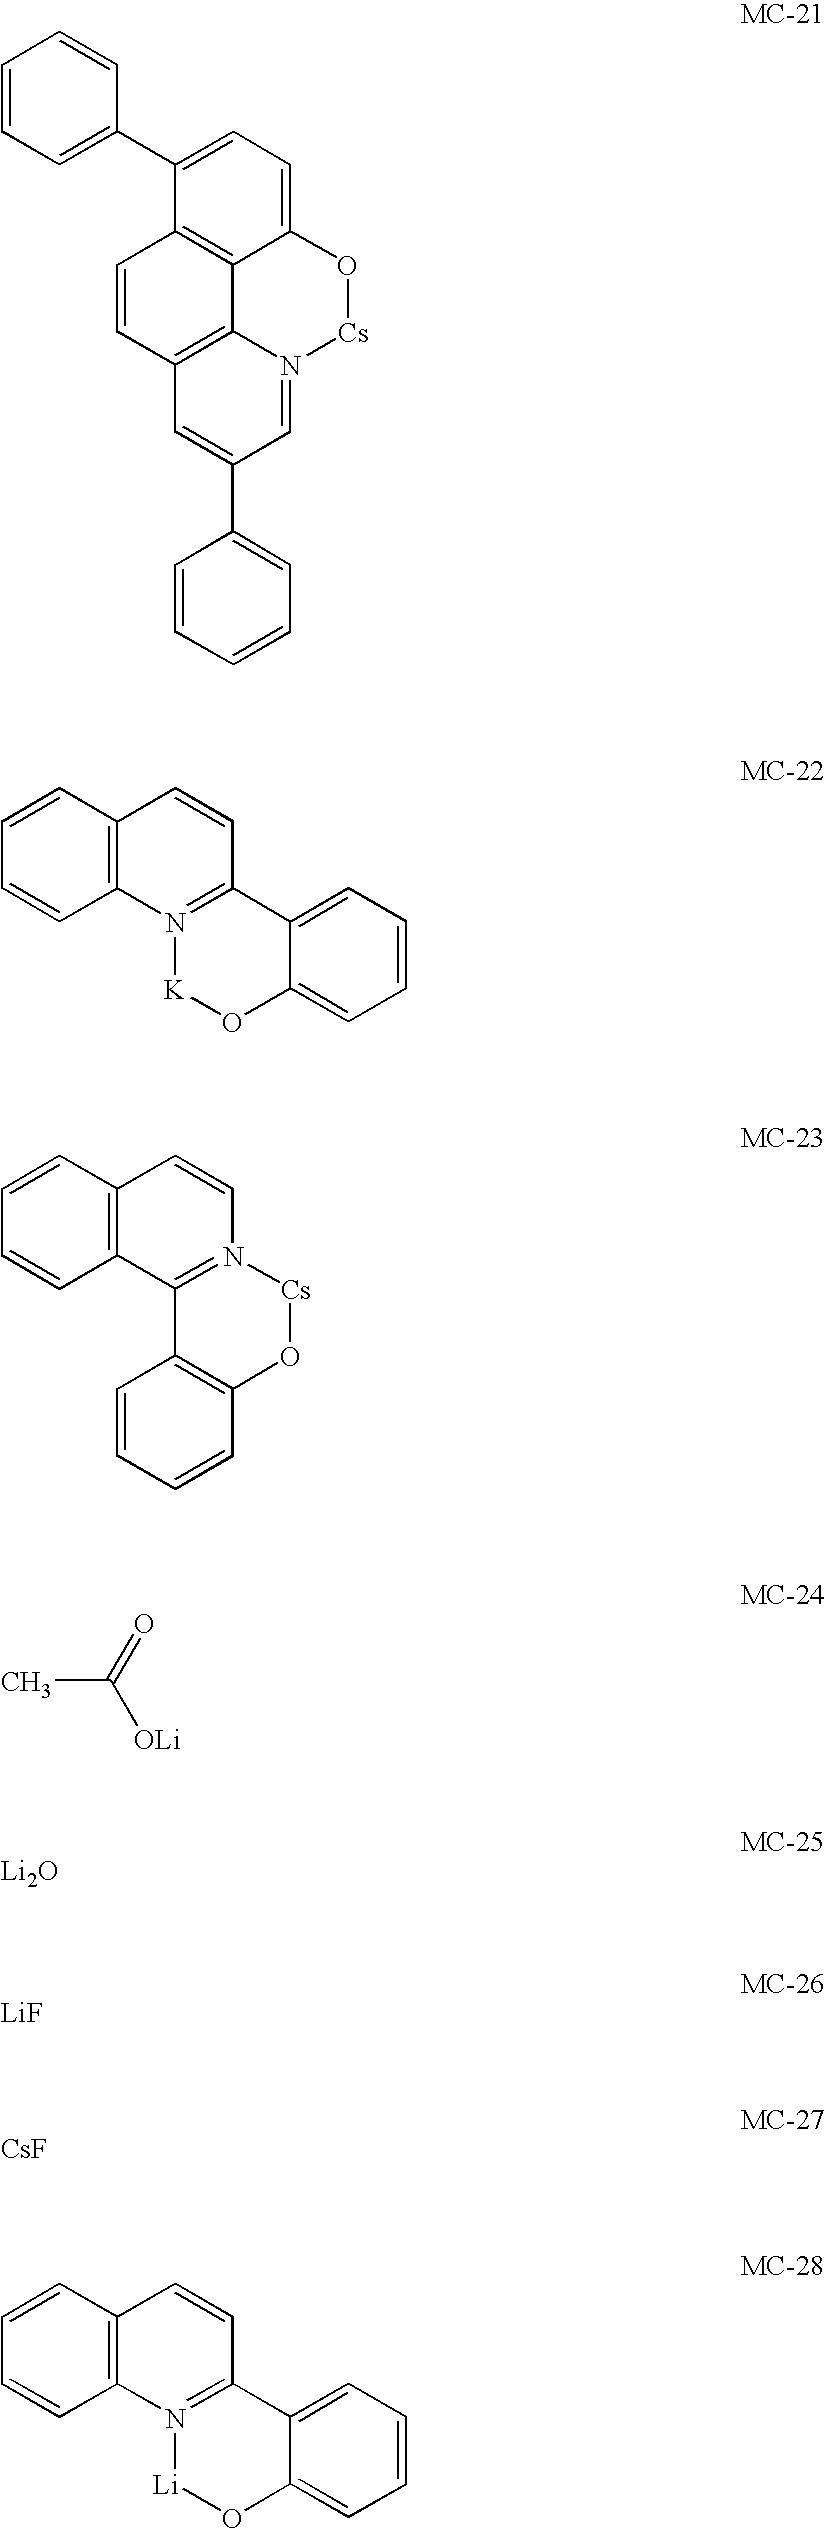 Figure US20090162612A1-20090625-C00007